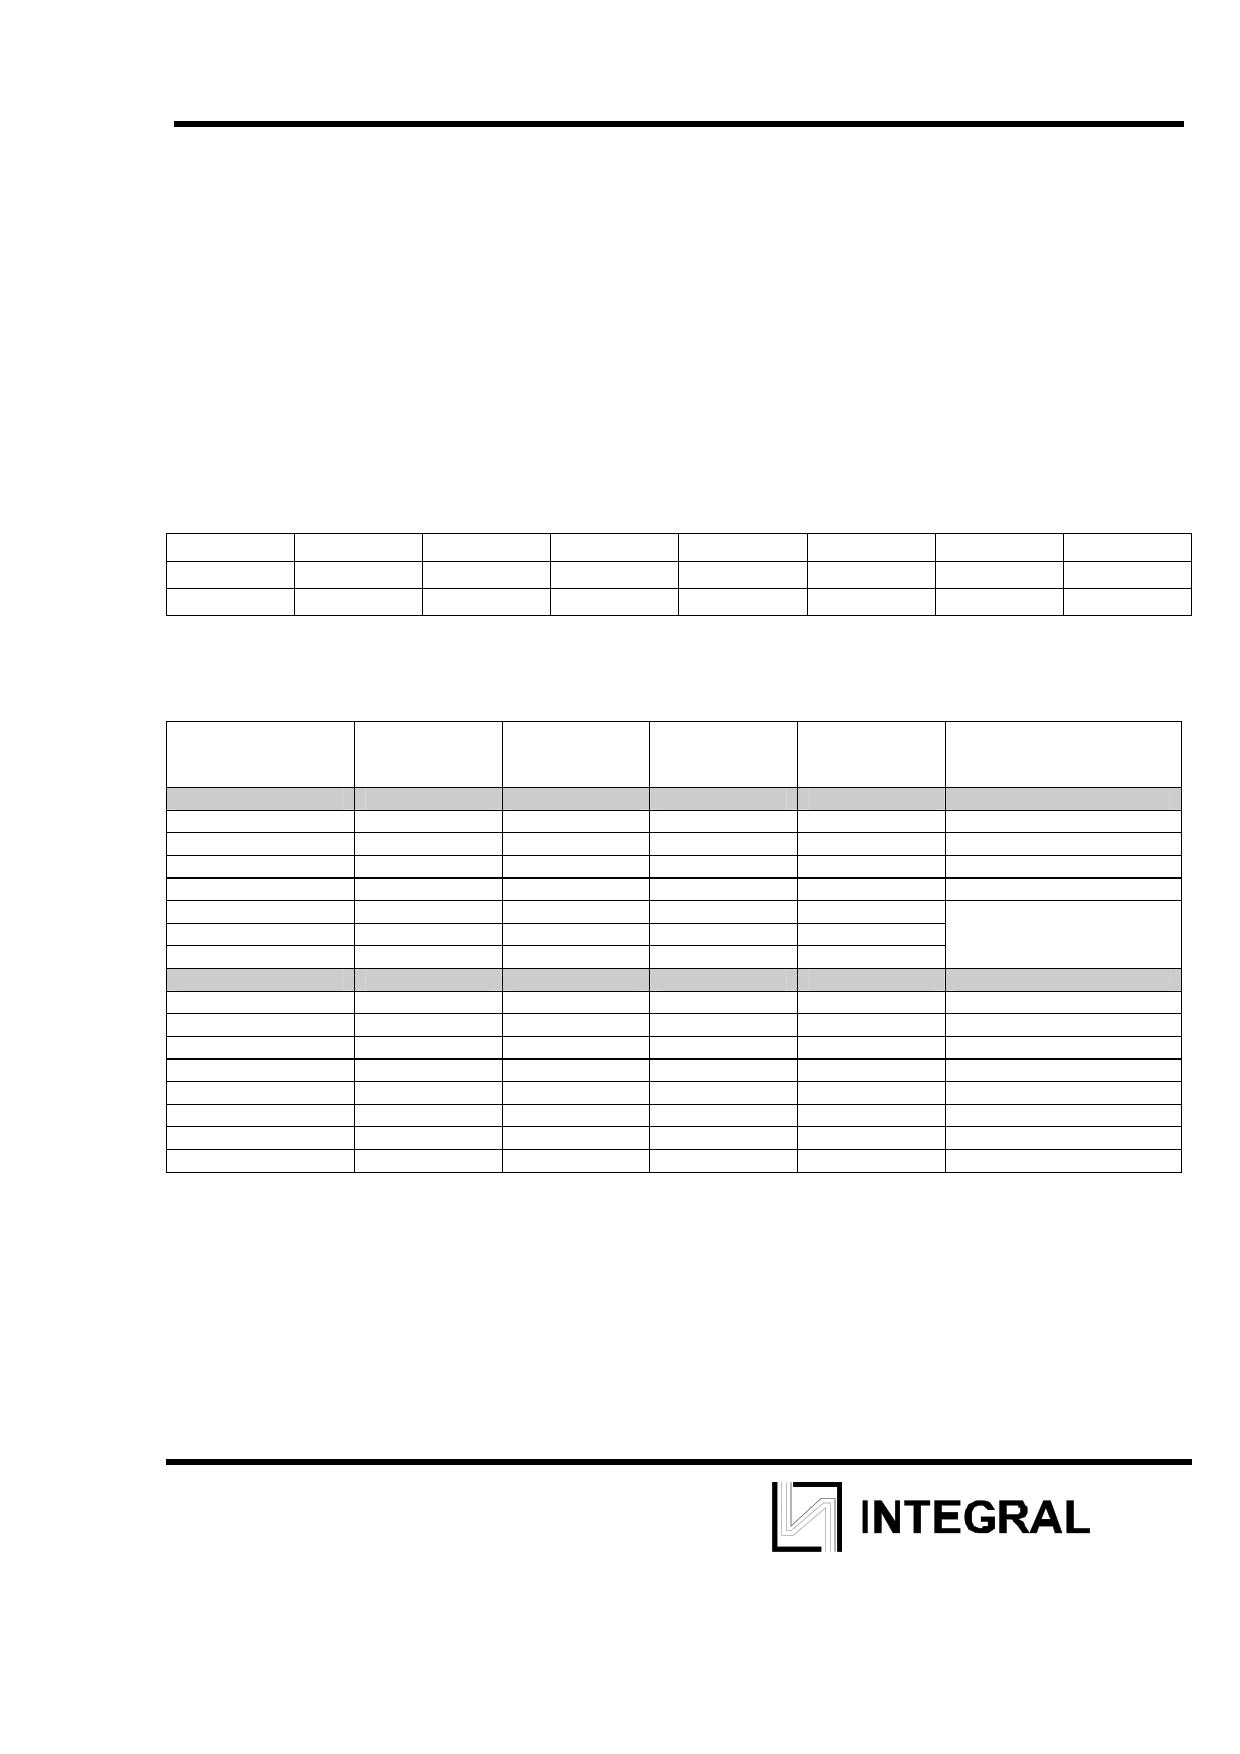 IZ7008 pdf, datenblatt